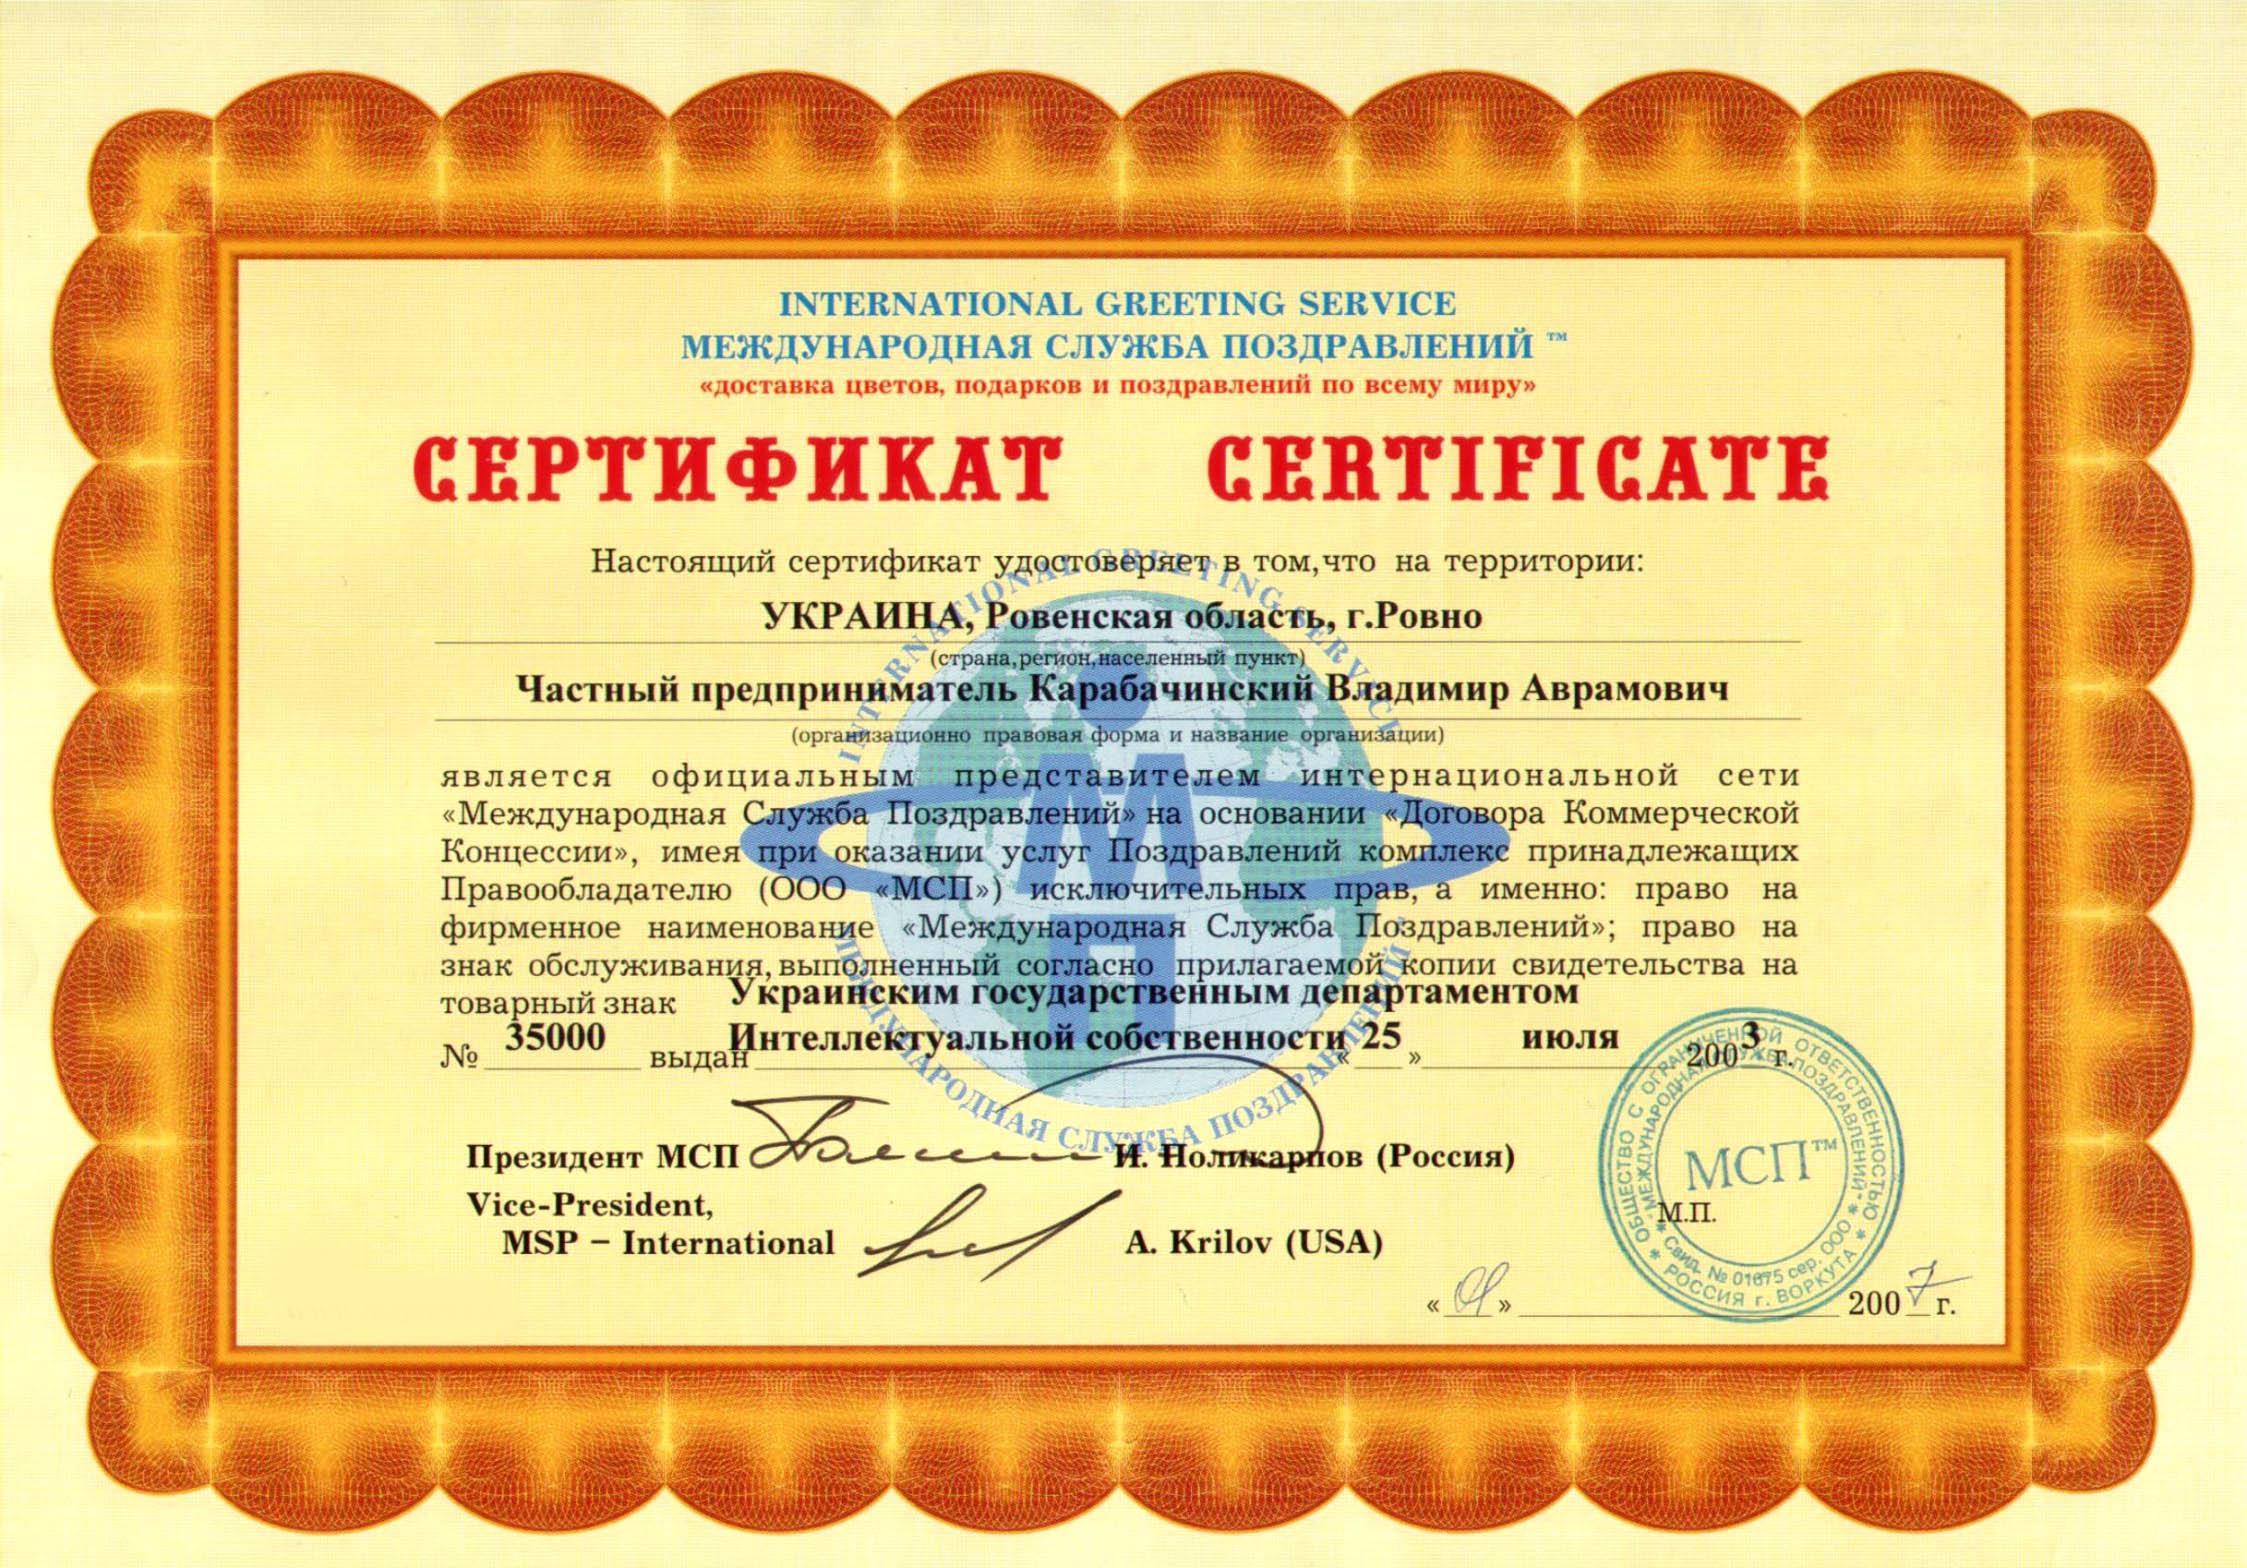 Поздравление при вручении сертификата 25